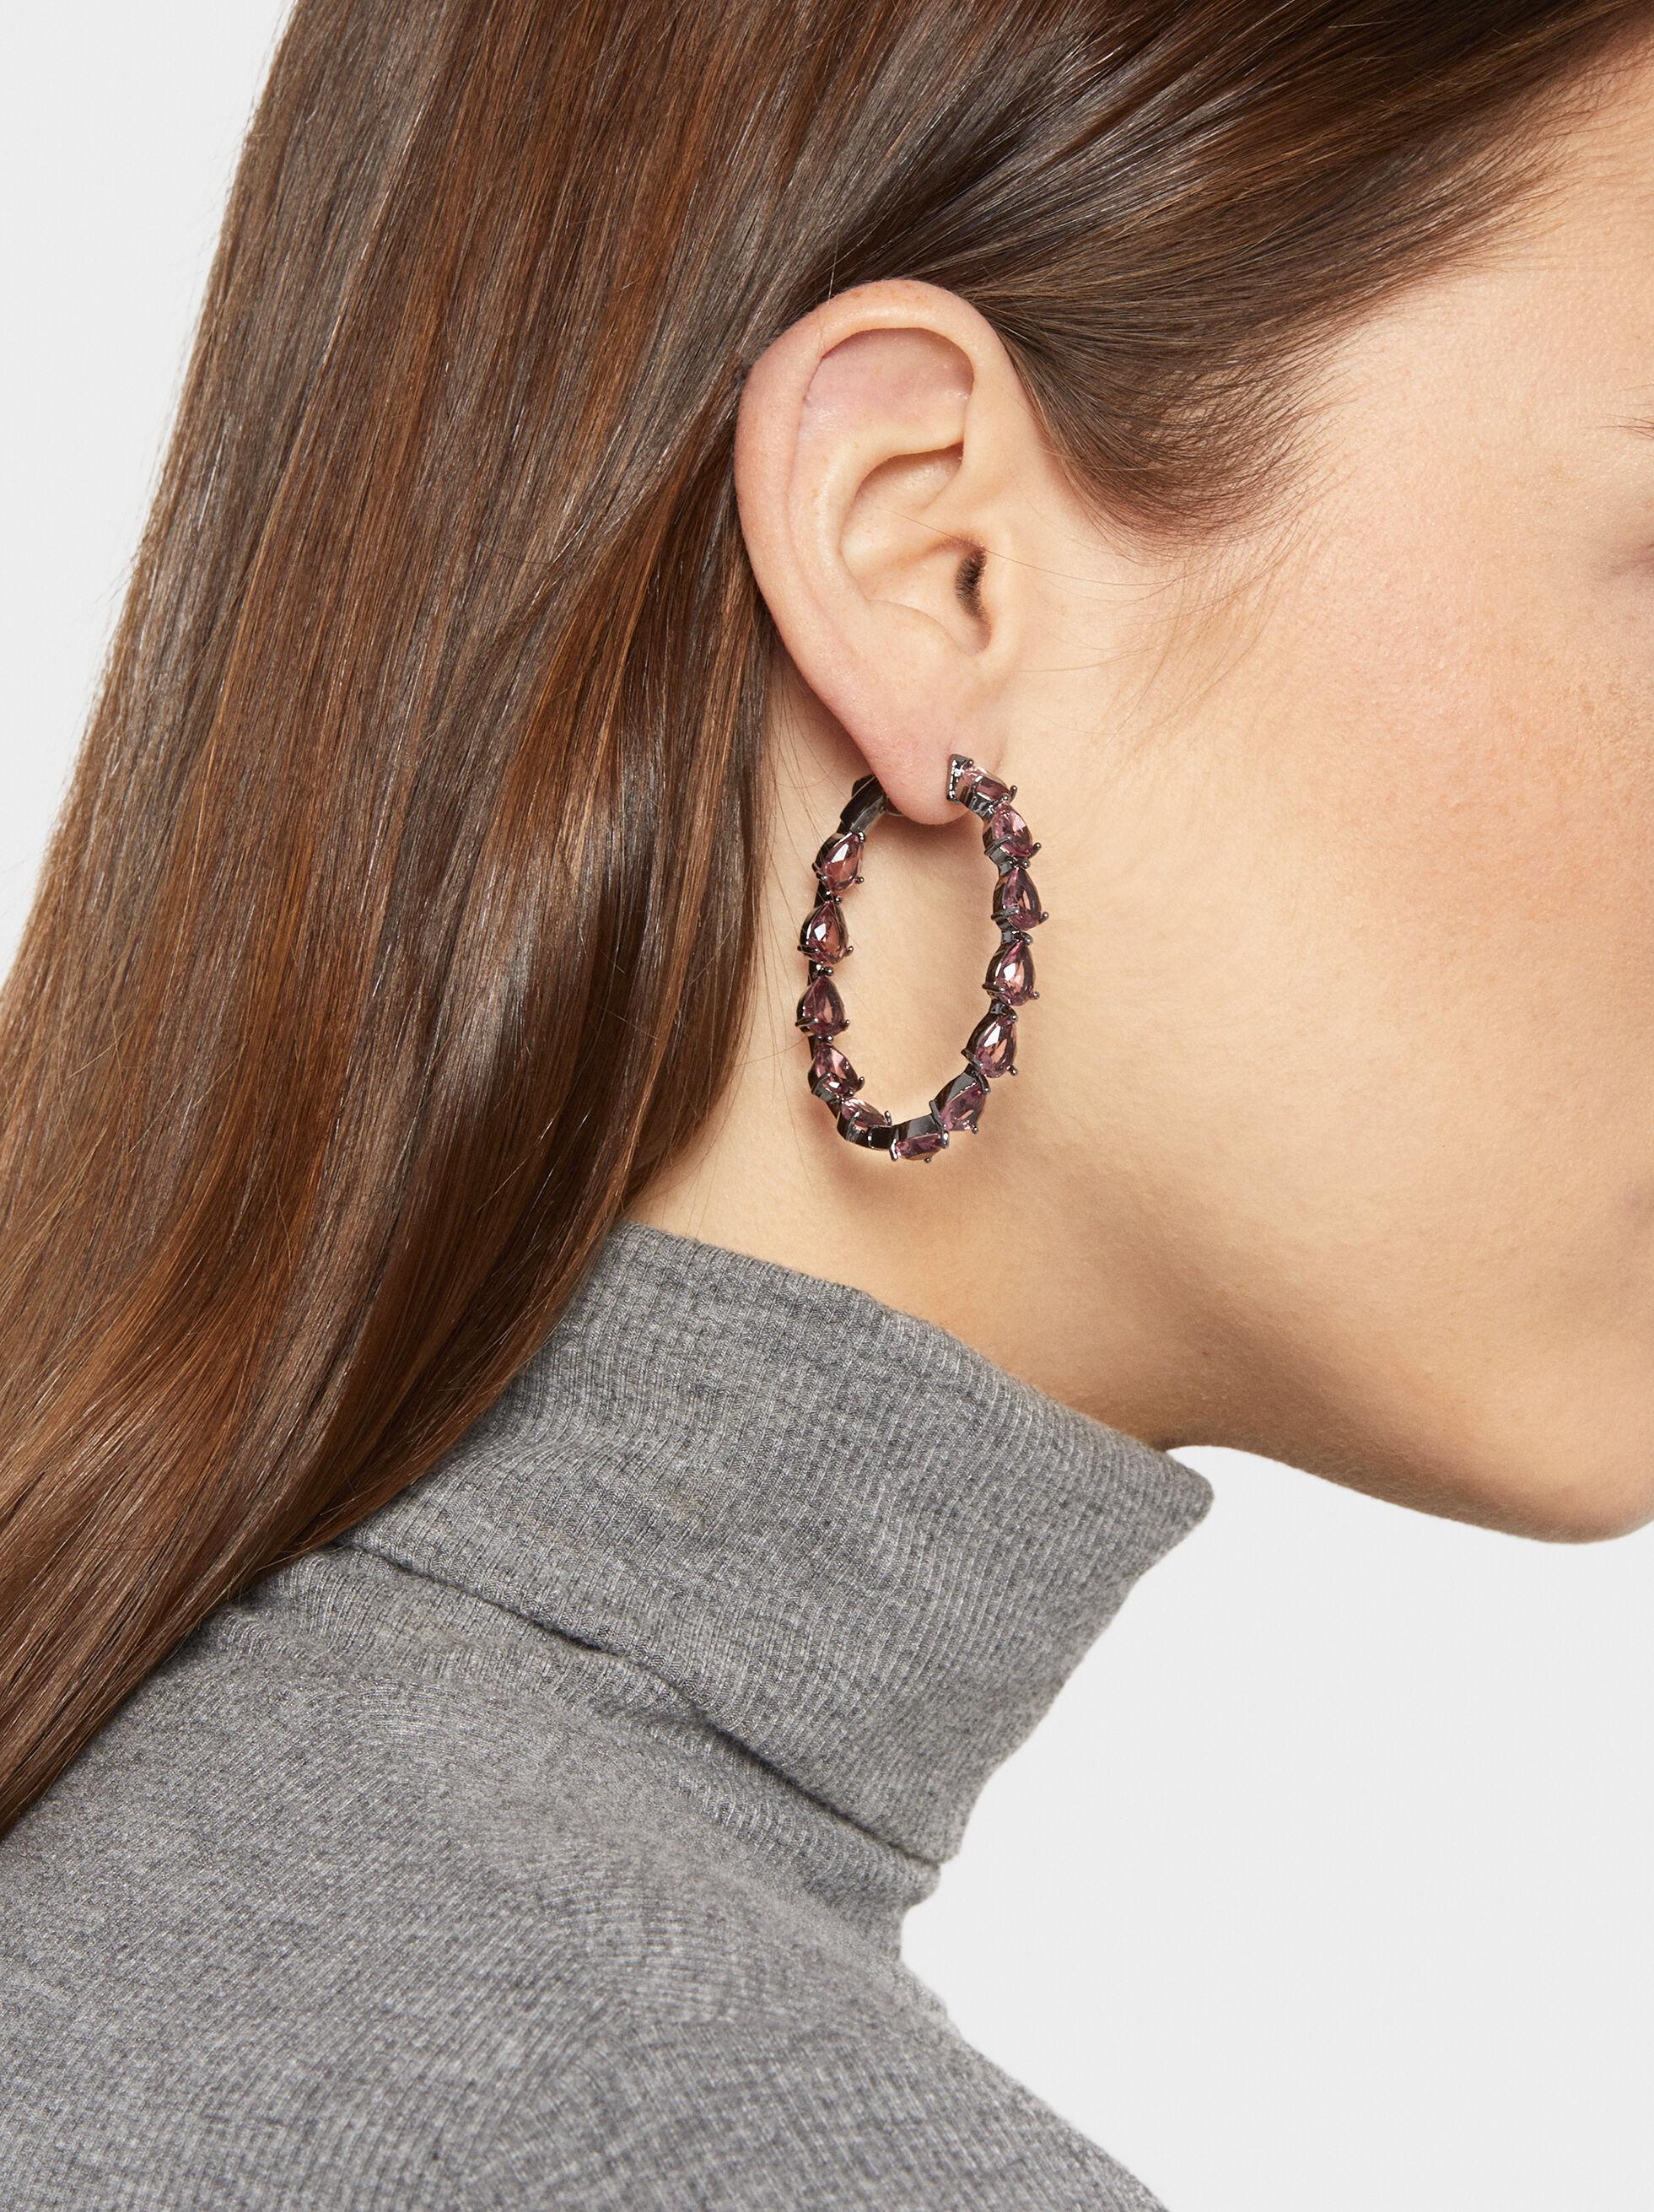 Sparkling Medium Rhinestone Hoop Earrings, Pink, hi-res